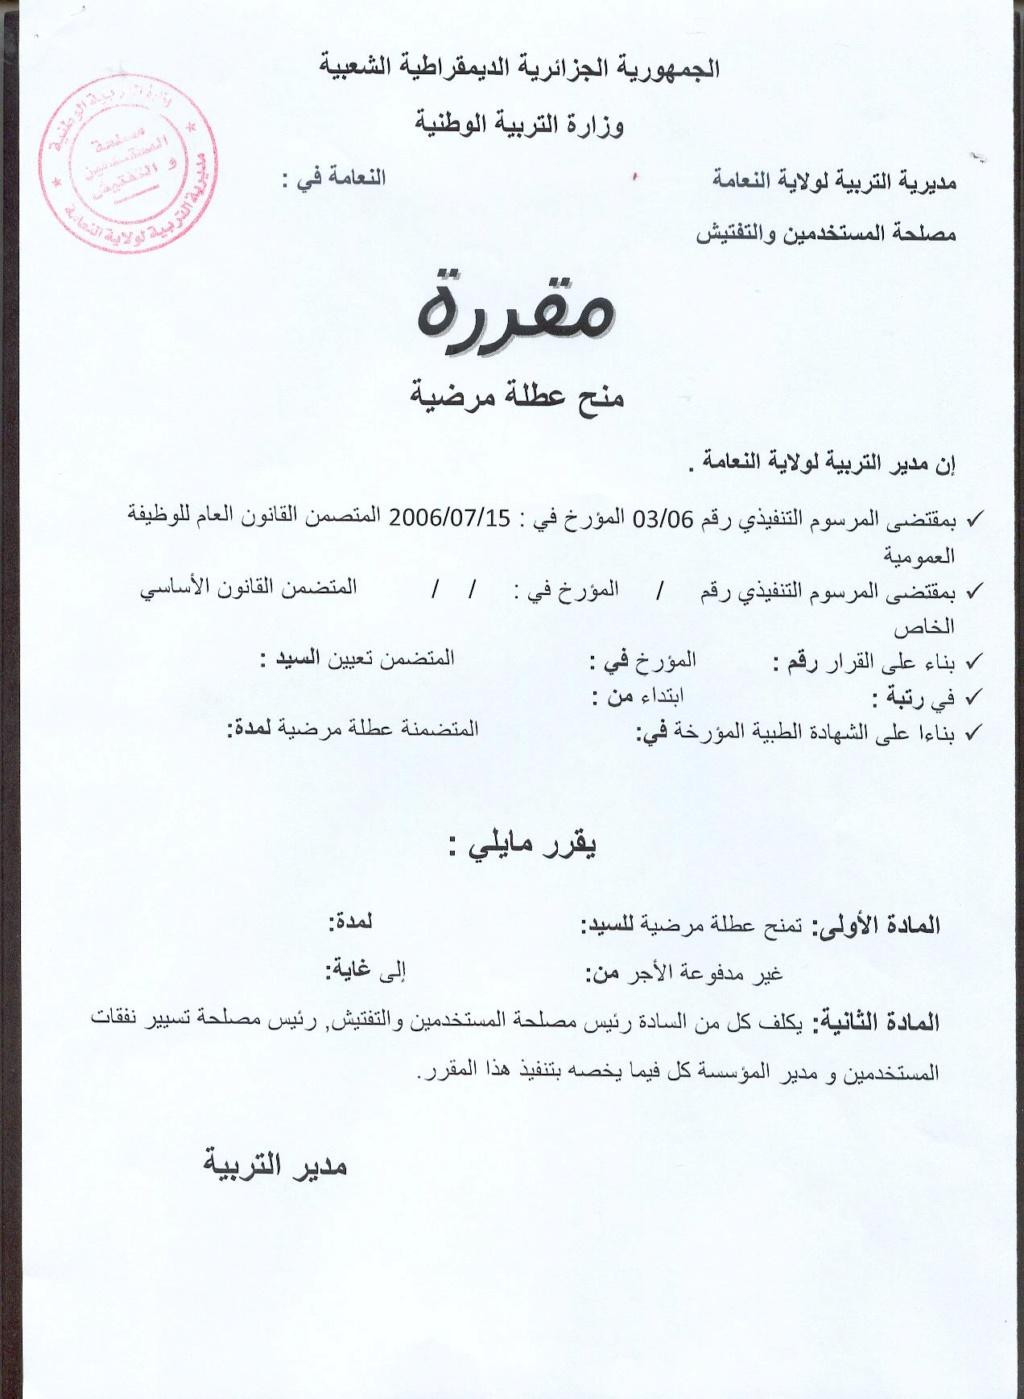 وثائق تسيير المستخدمين Aao_110